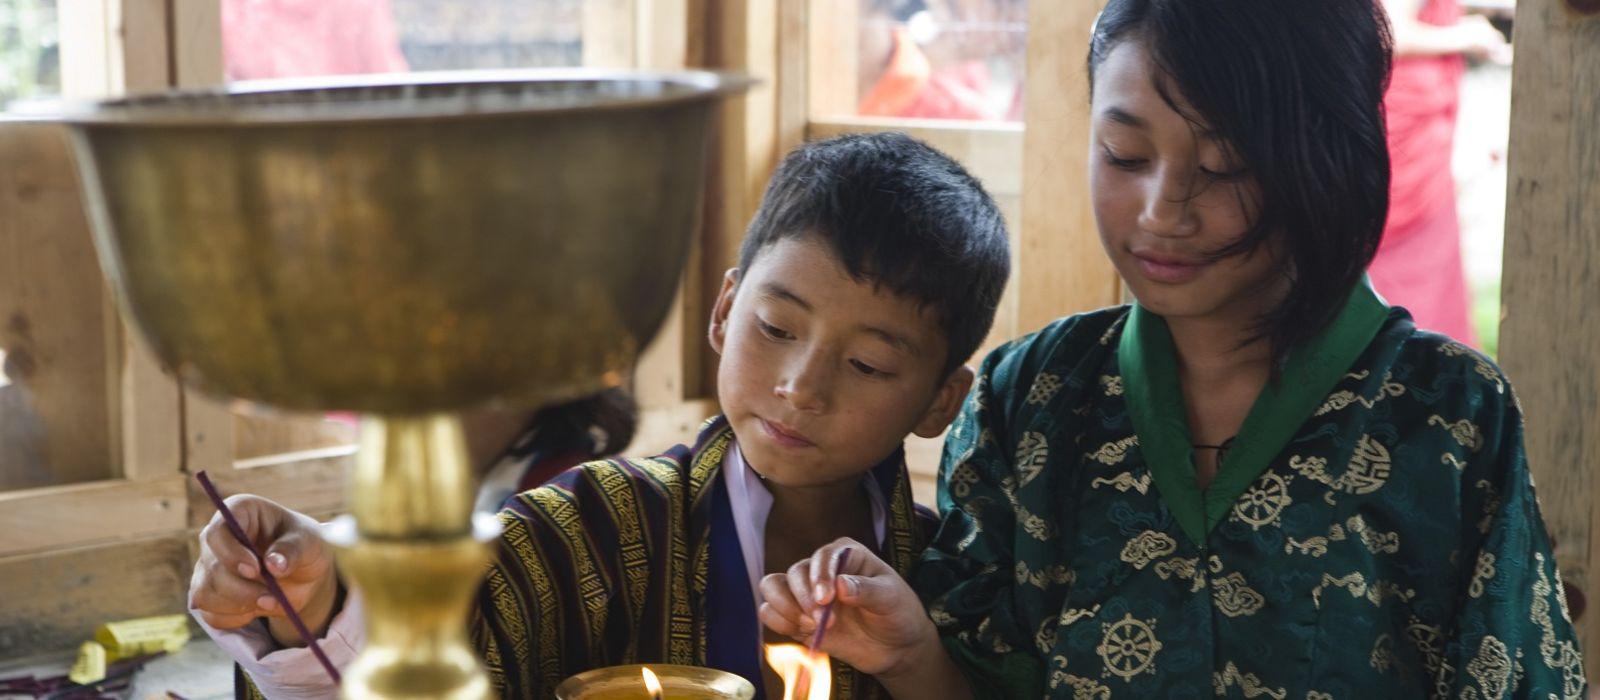 Amankora Exclusive: Luxurious Bhutan Tour Trip 5